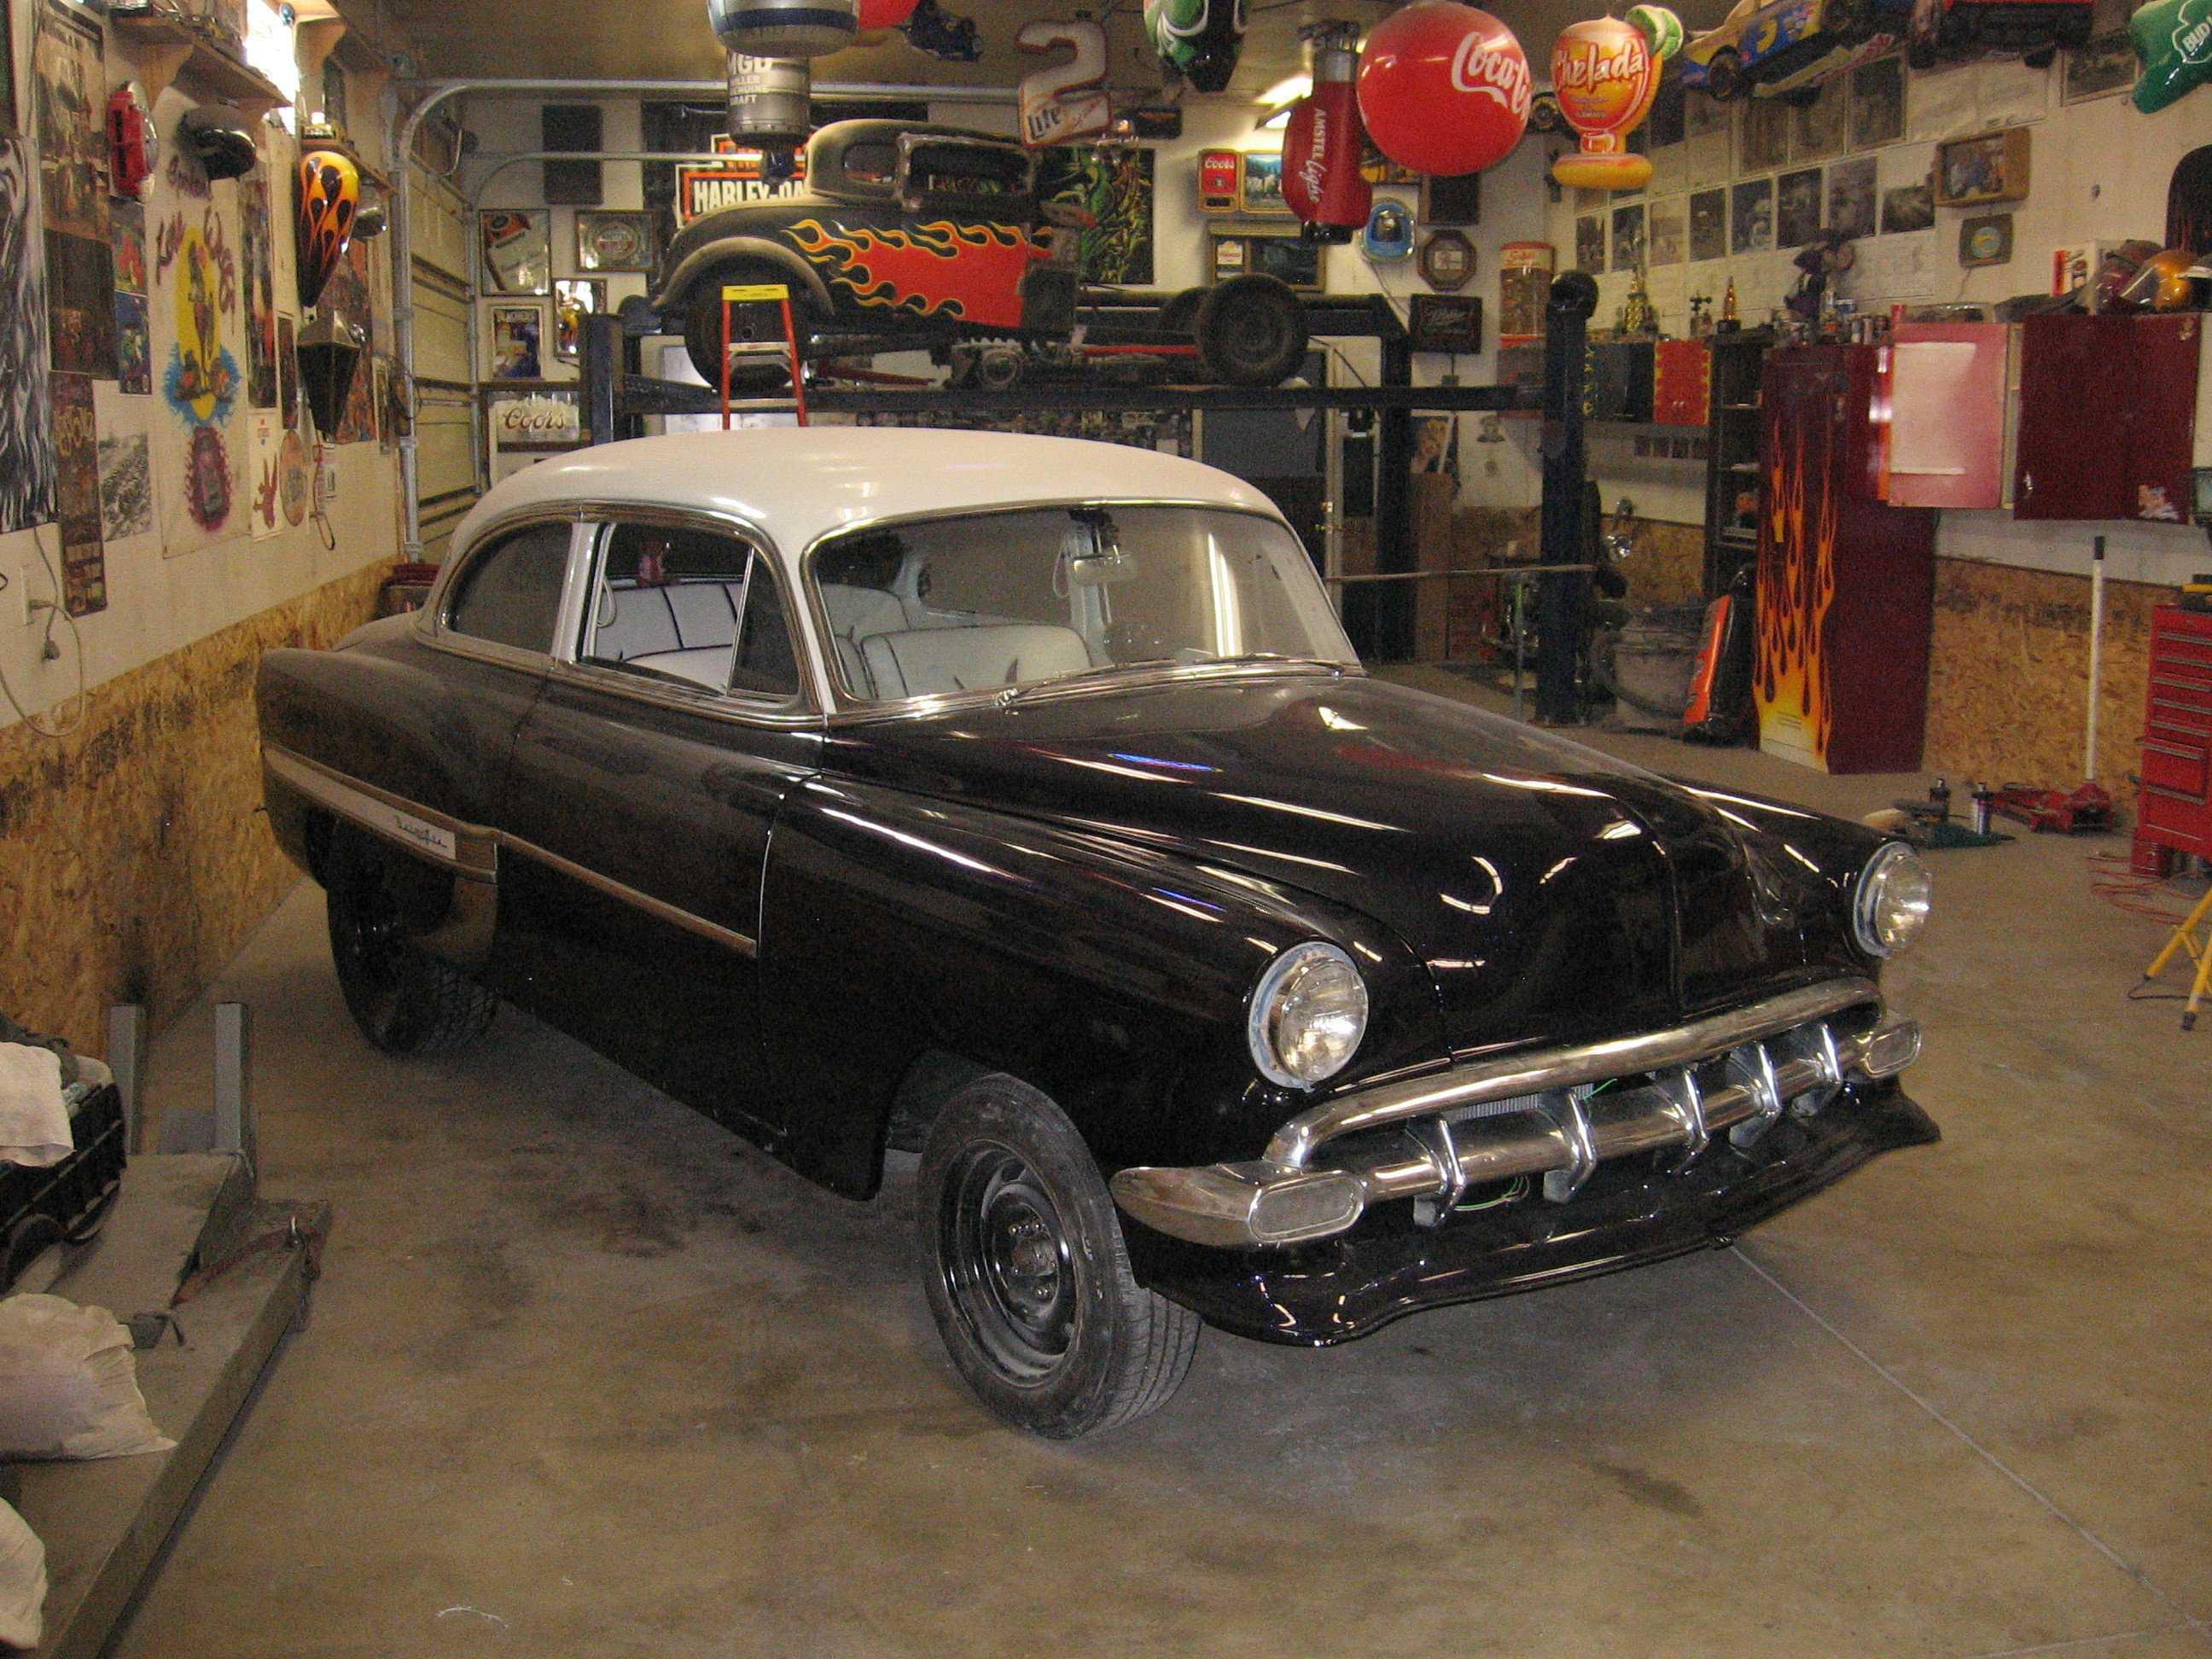 1954 Chevrolet Bel Air For Sale In Spokane Wa C540030116 Prev